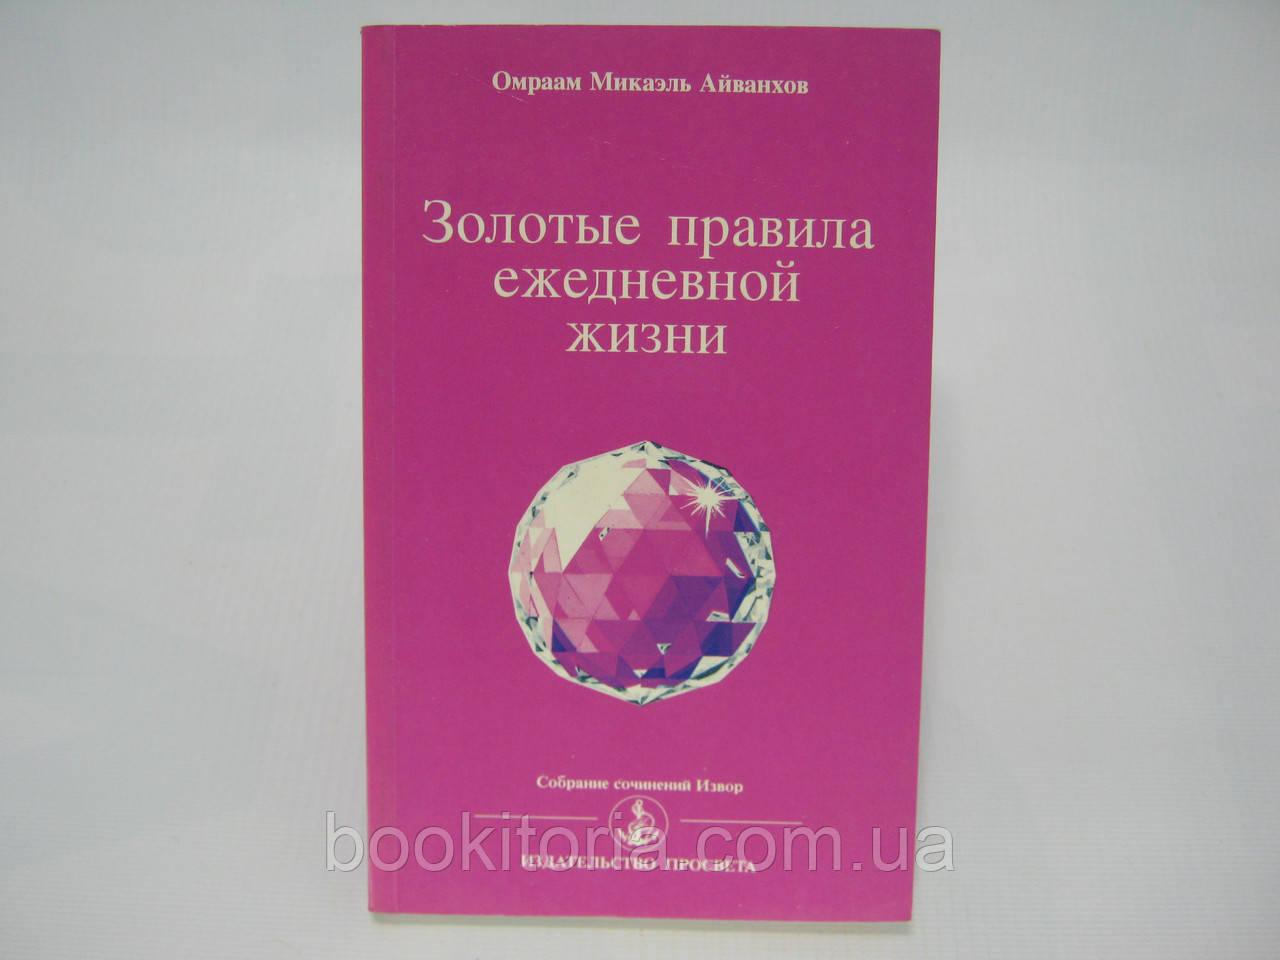 Айванхов О.М. Золотые правила ежедневной жизни (б/у).